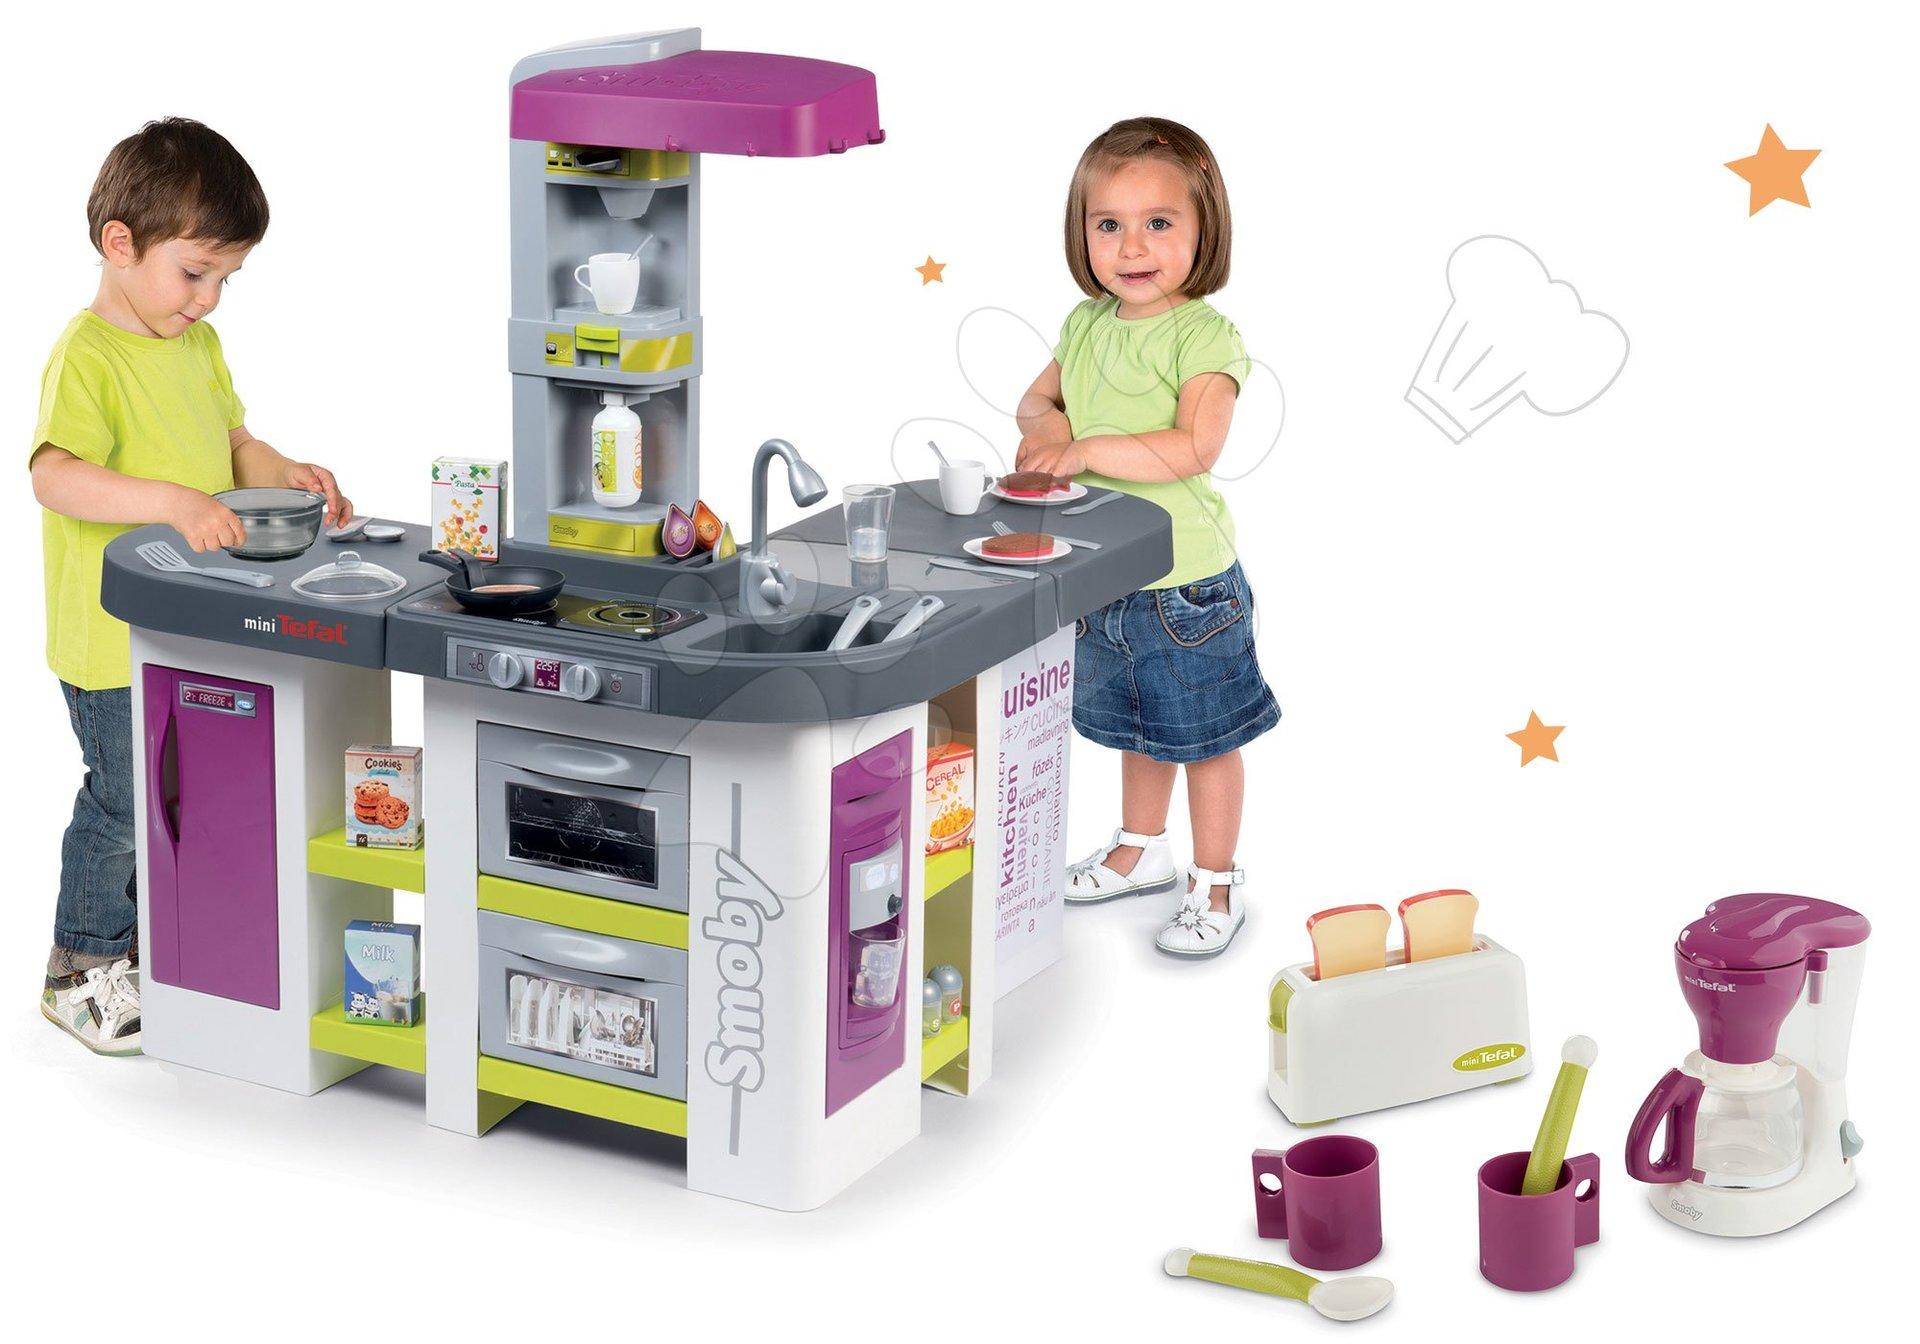 Set kuchyňka elektronická Tefal Studio XXL Bubble Smoby s magickým bubláním a snídaňový set s kávovarem a toasterem